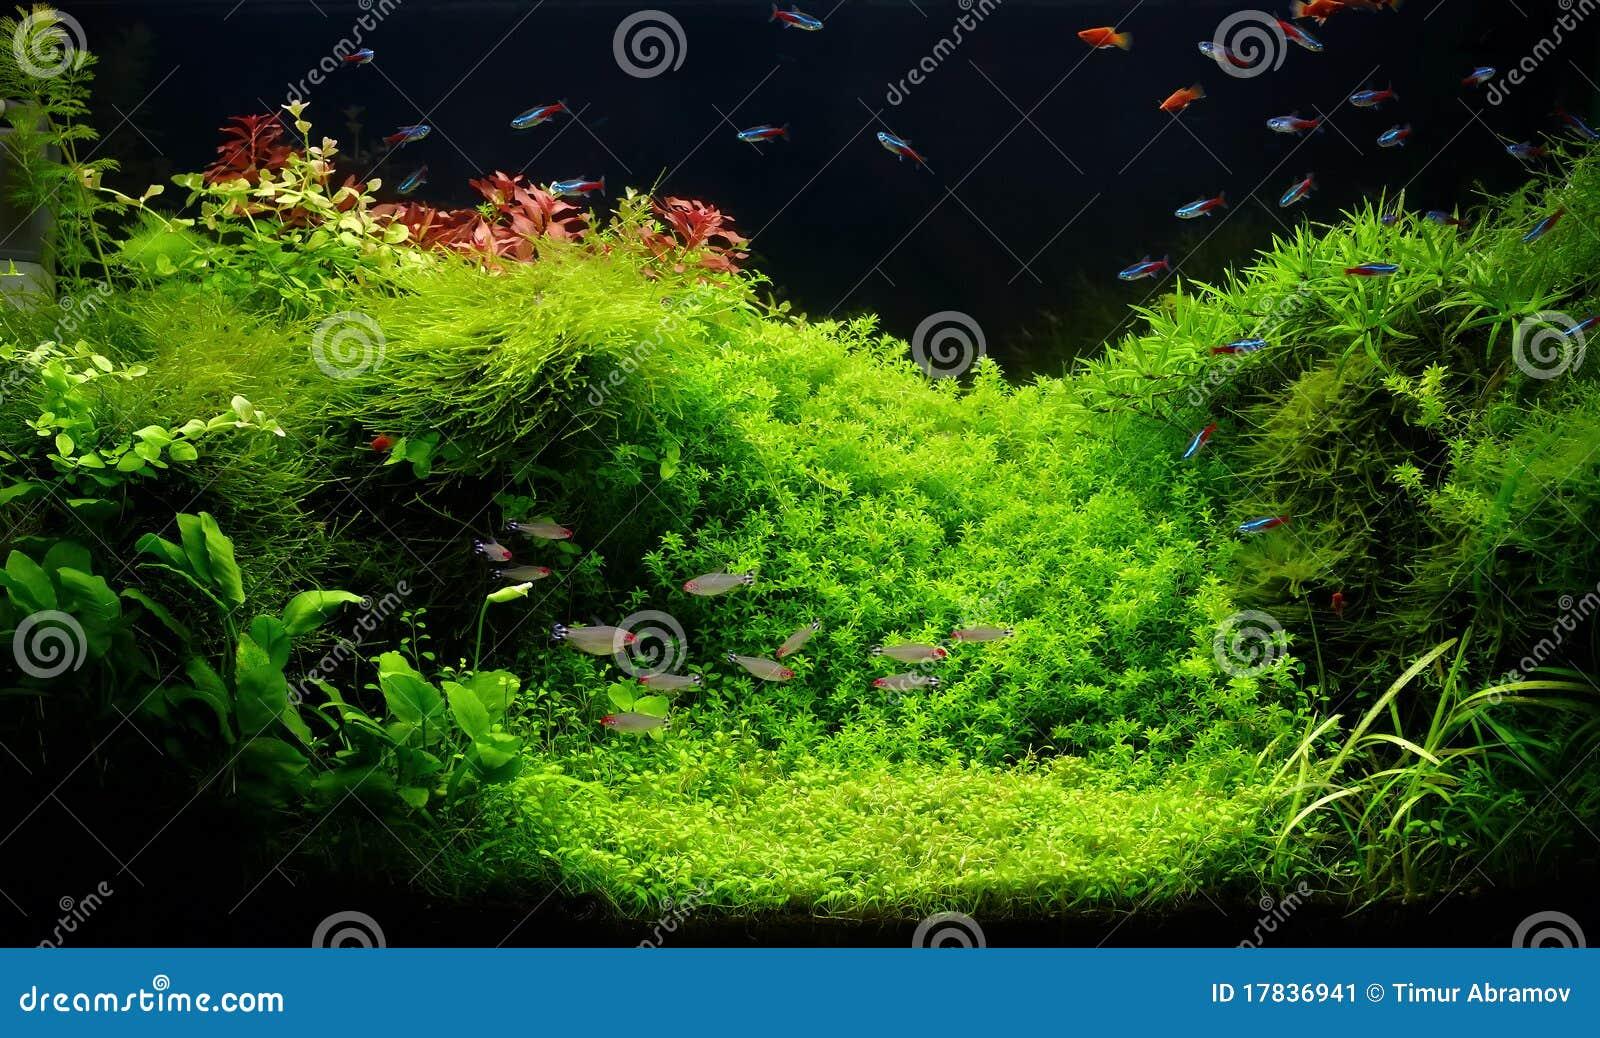 aquarium d 39 eau douce de nature dans le type de takasi amano image stock image 17836941. Black Bedroom Furniture Sets. Home Design Ideas